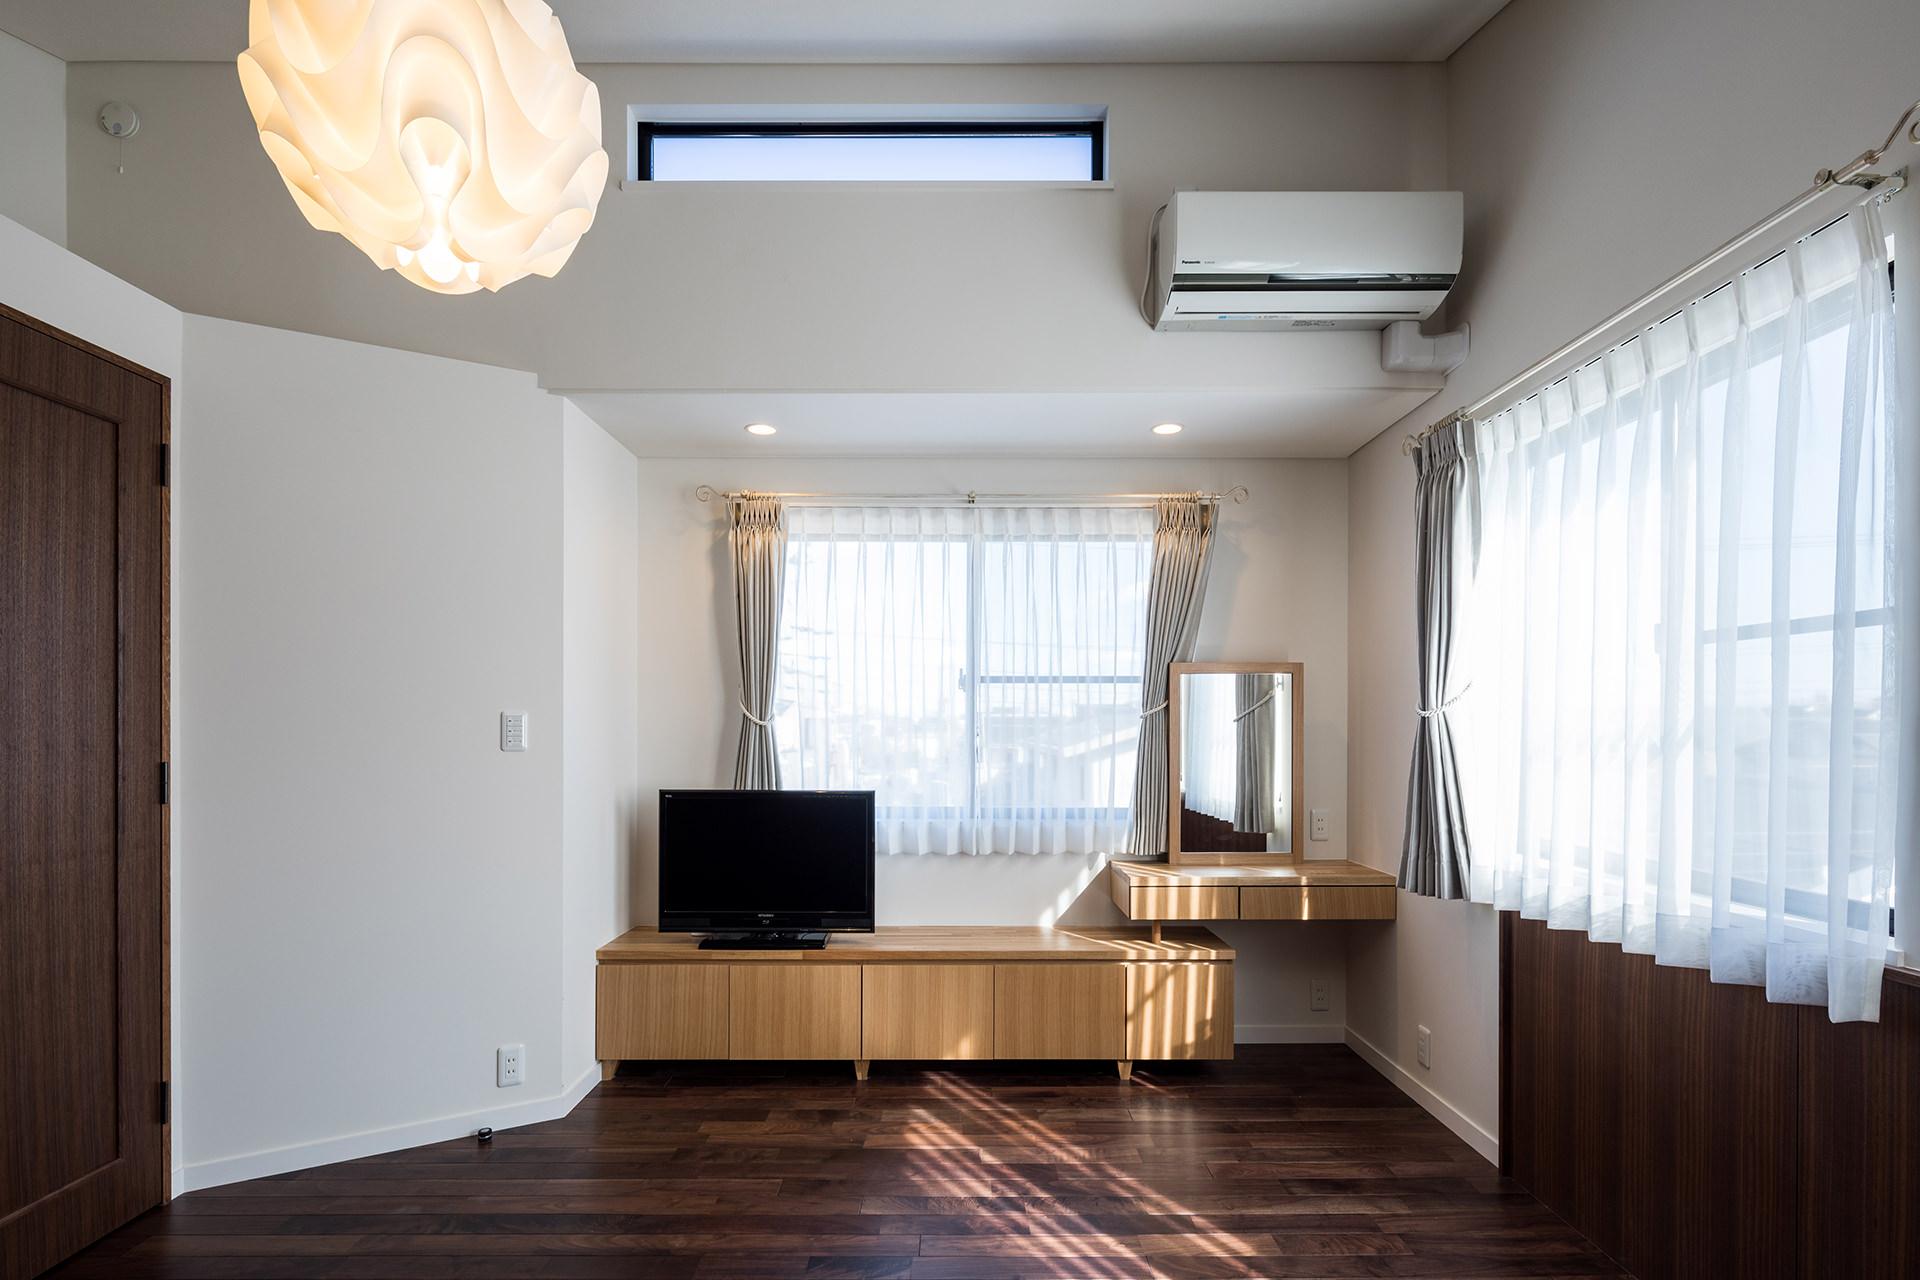 東京都目黒区リノベーション イメージ14 撮影:東涌宏和